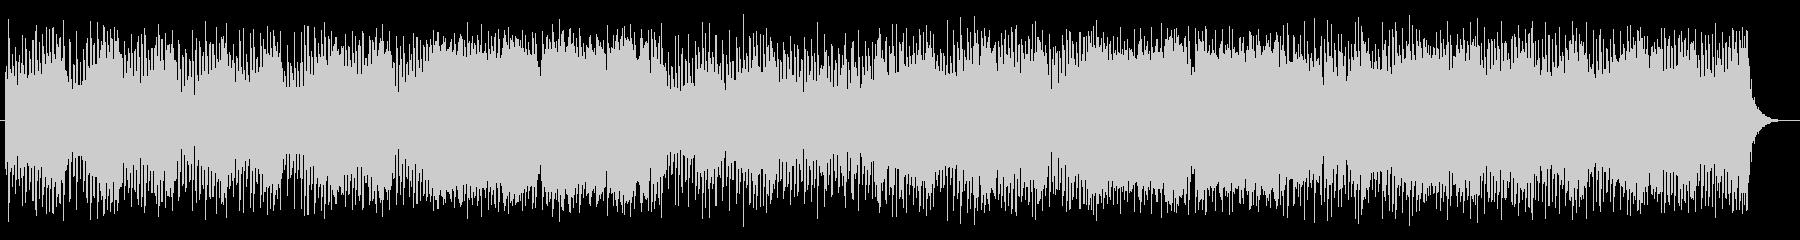 壮大で勢いのあるシンセサイザーサウンドの未再生の波形